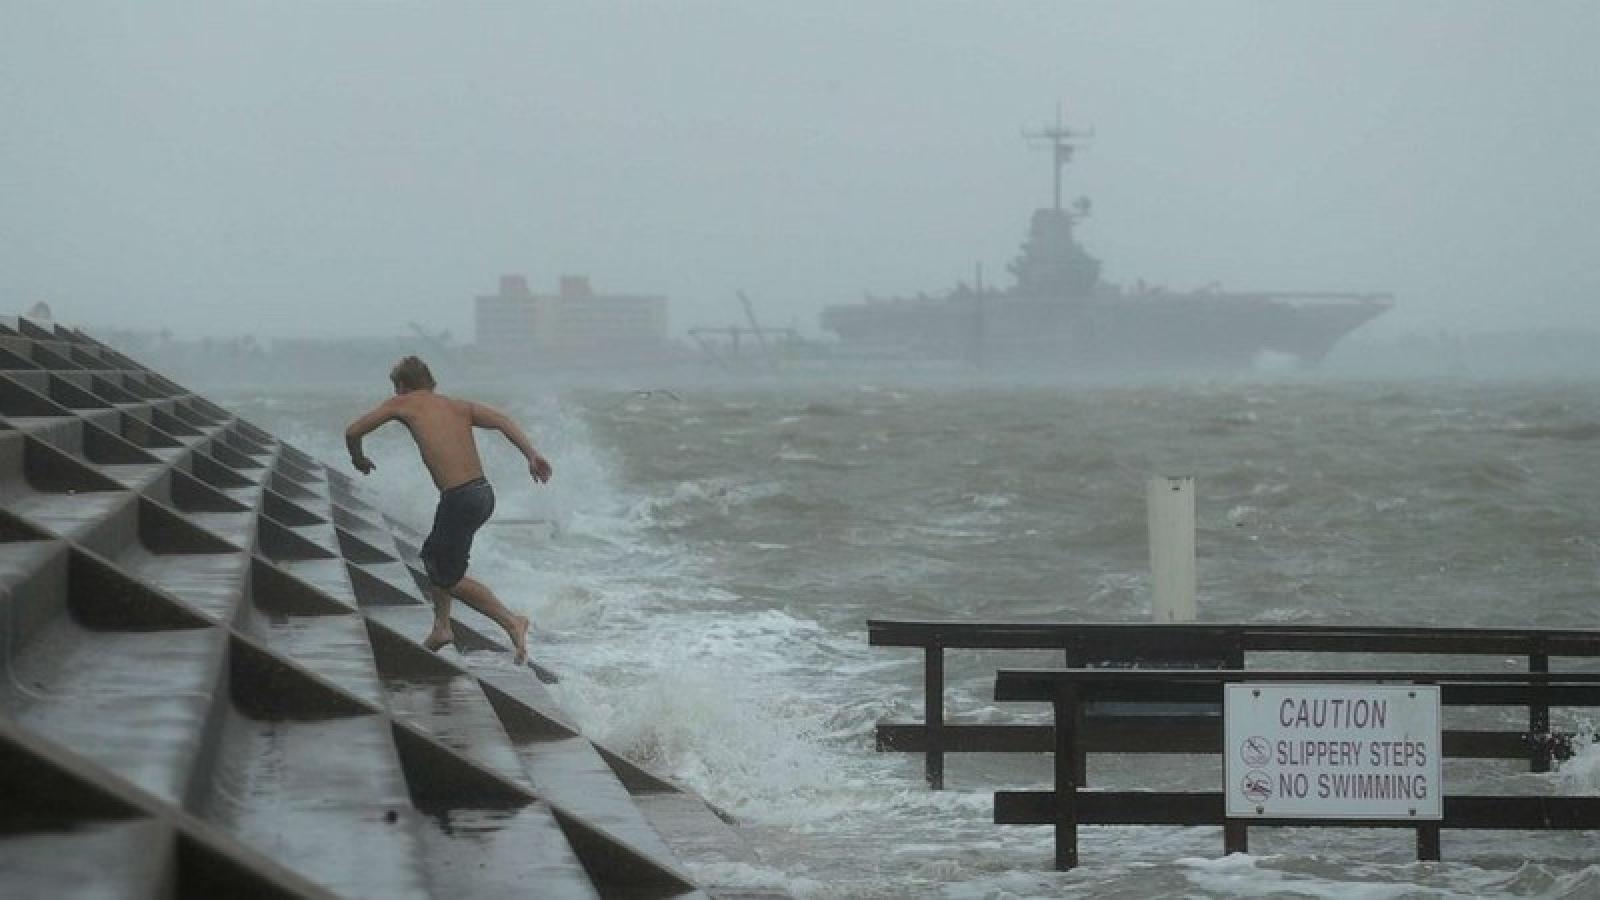 Texas (Mỹ) gồng mình chống thảm họa kép: Bão mạnh và dịch Covid-19